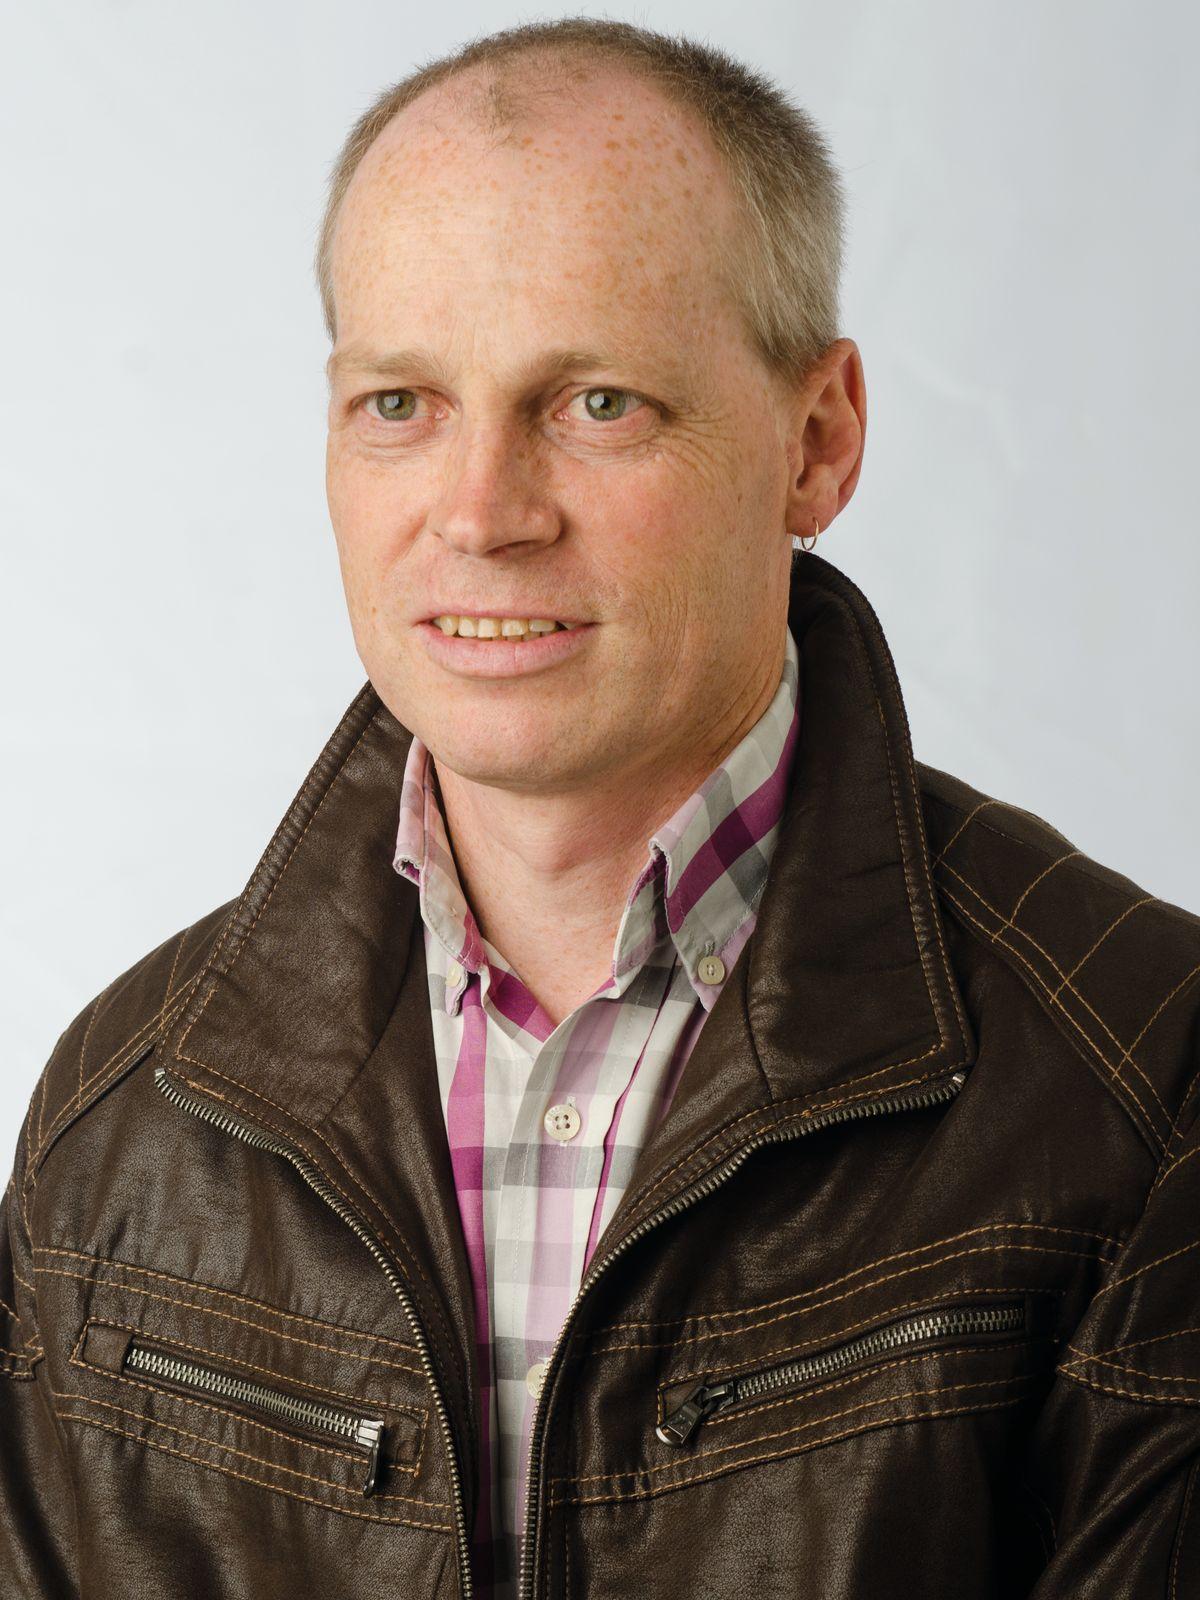 Stefan Hindinger - (C)StephanSchreinerPhotography.com